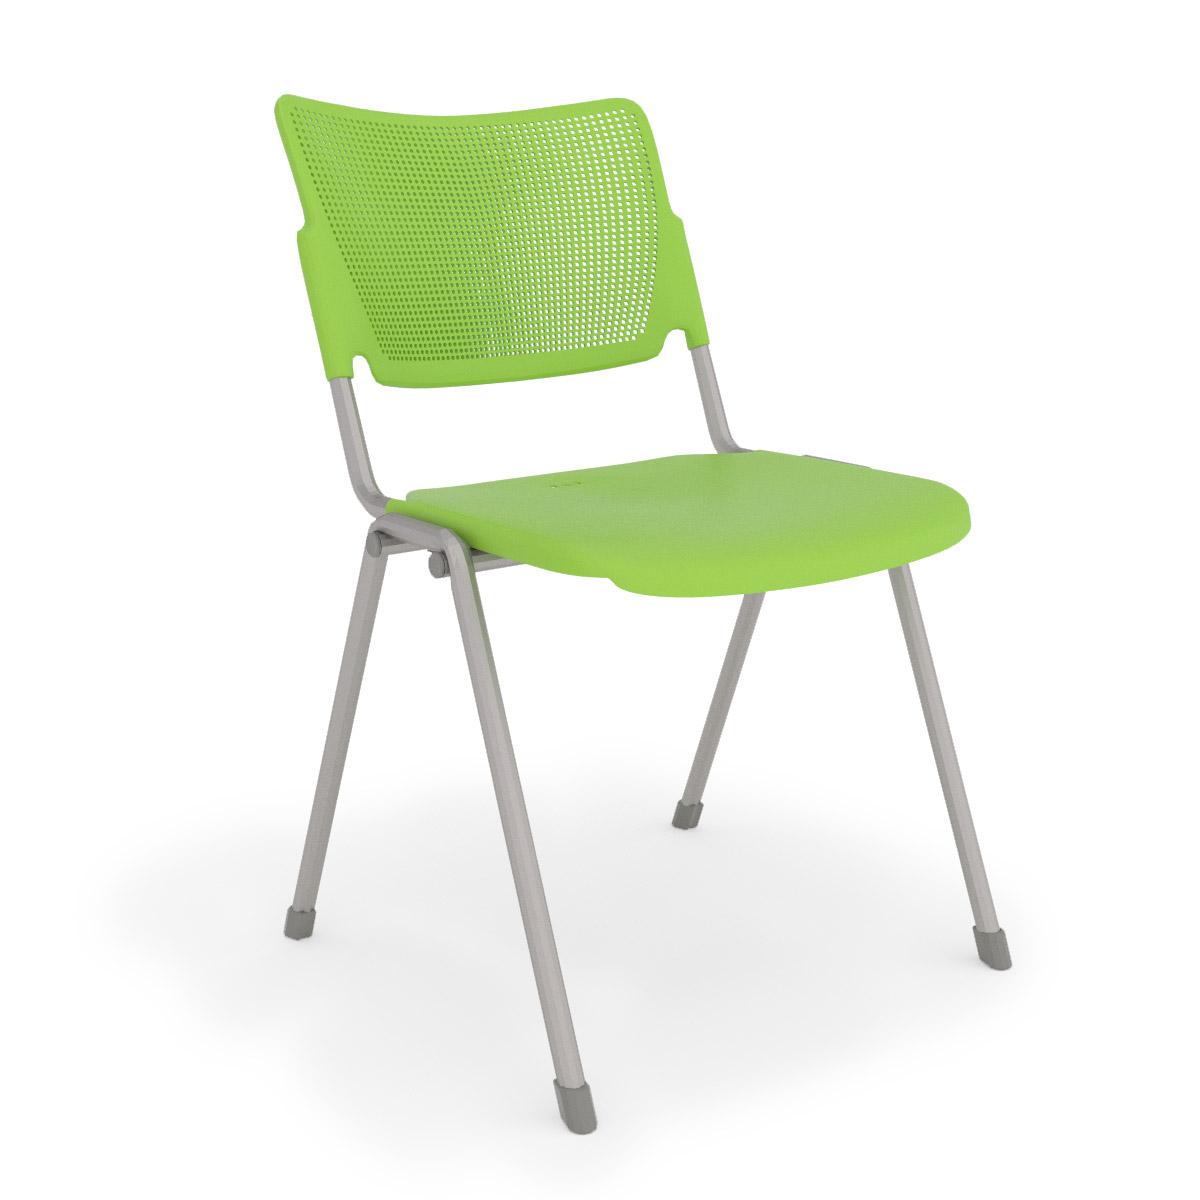 la mia green stack chair